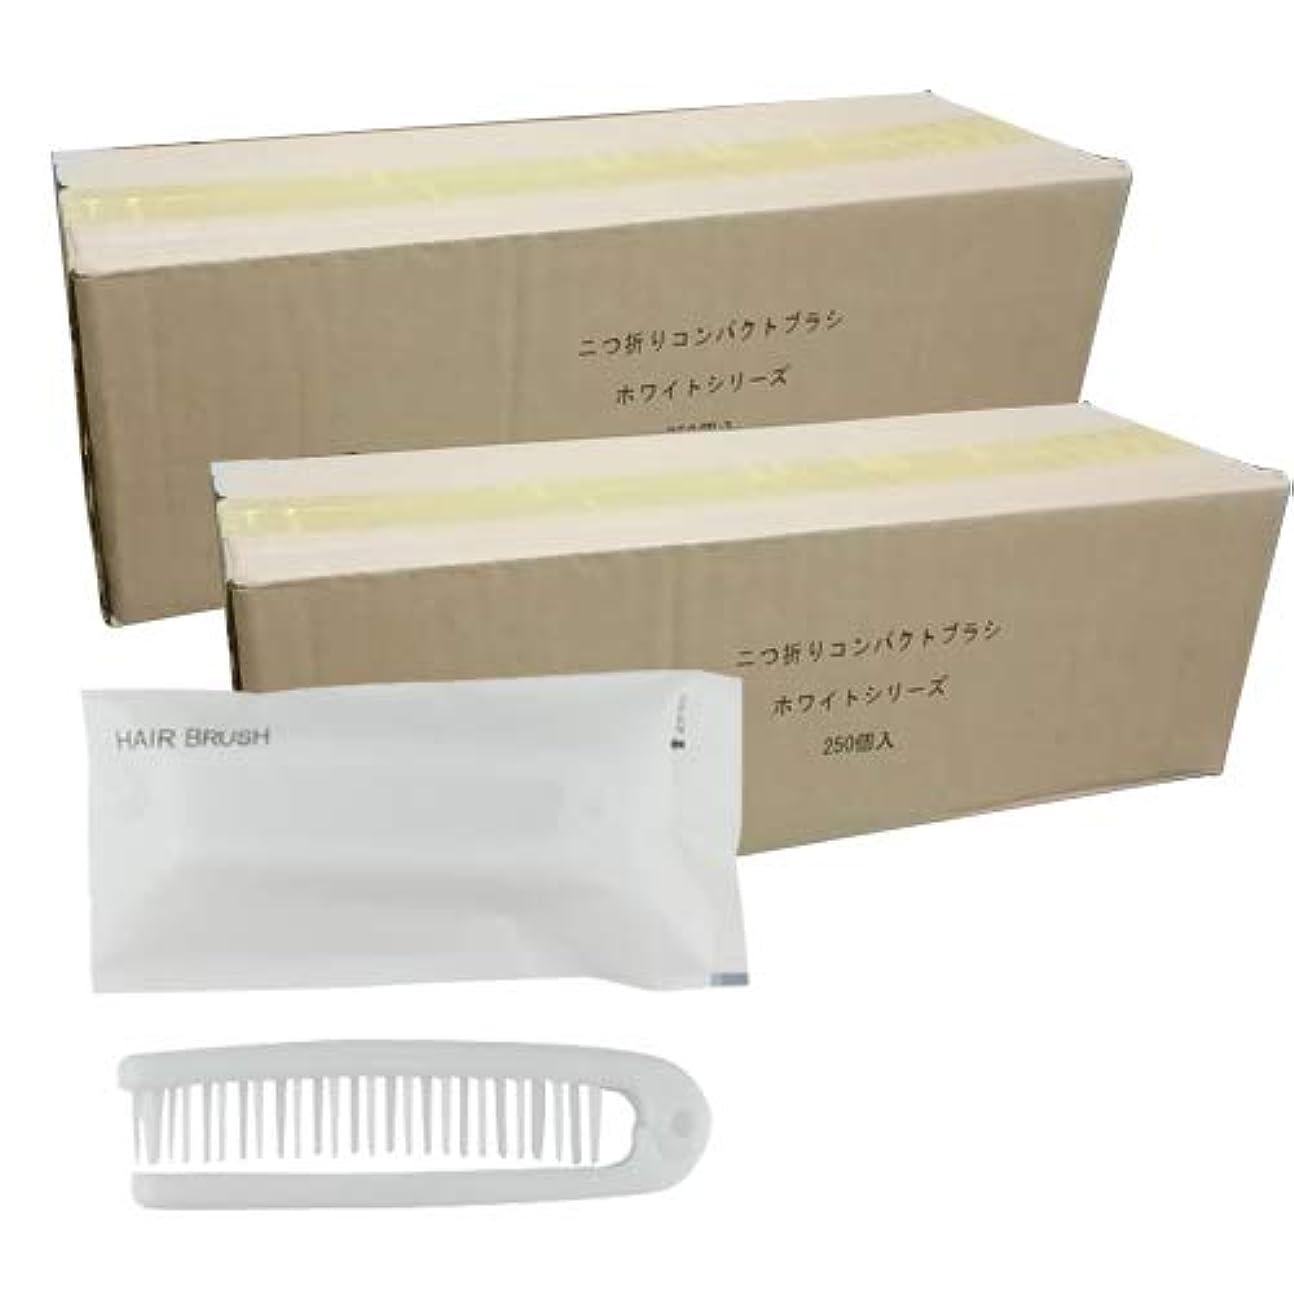 万一に備えてふつう時々ホテルアメニティ 使い捨てヘアブラシ 個包装タイプ 業務用 二つ折りスケルトンヘアーブラシ ×500個セット (FOLDING HAIR BRUSH)